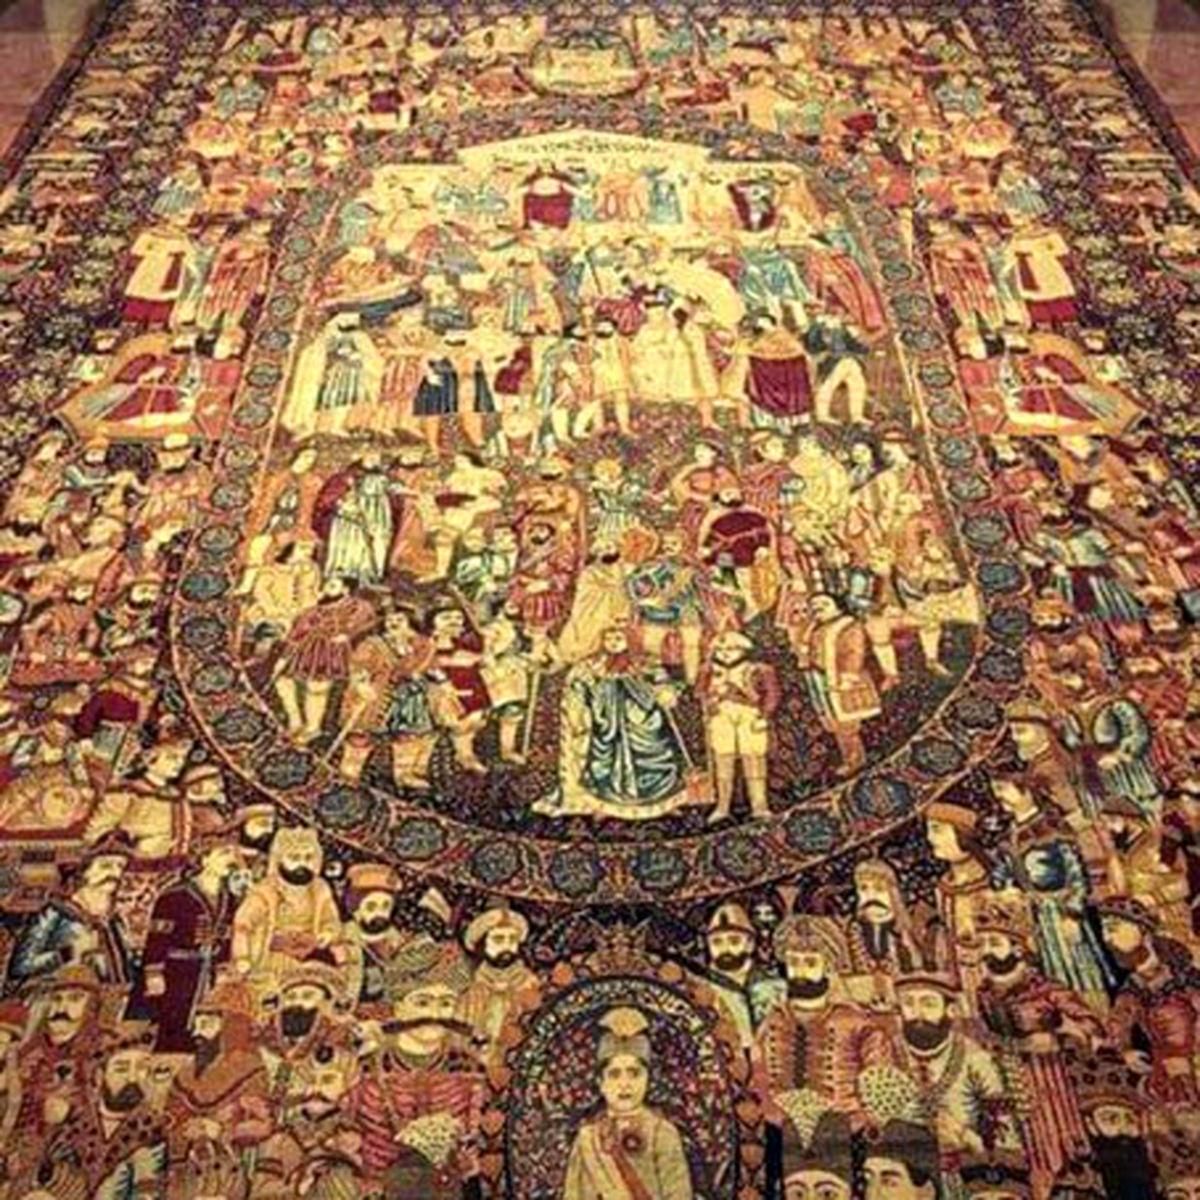 تصویر دیدنی ترین فرش جهان در کاخ نیاوران